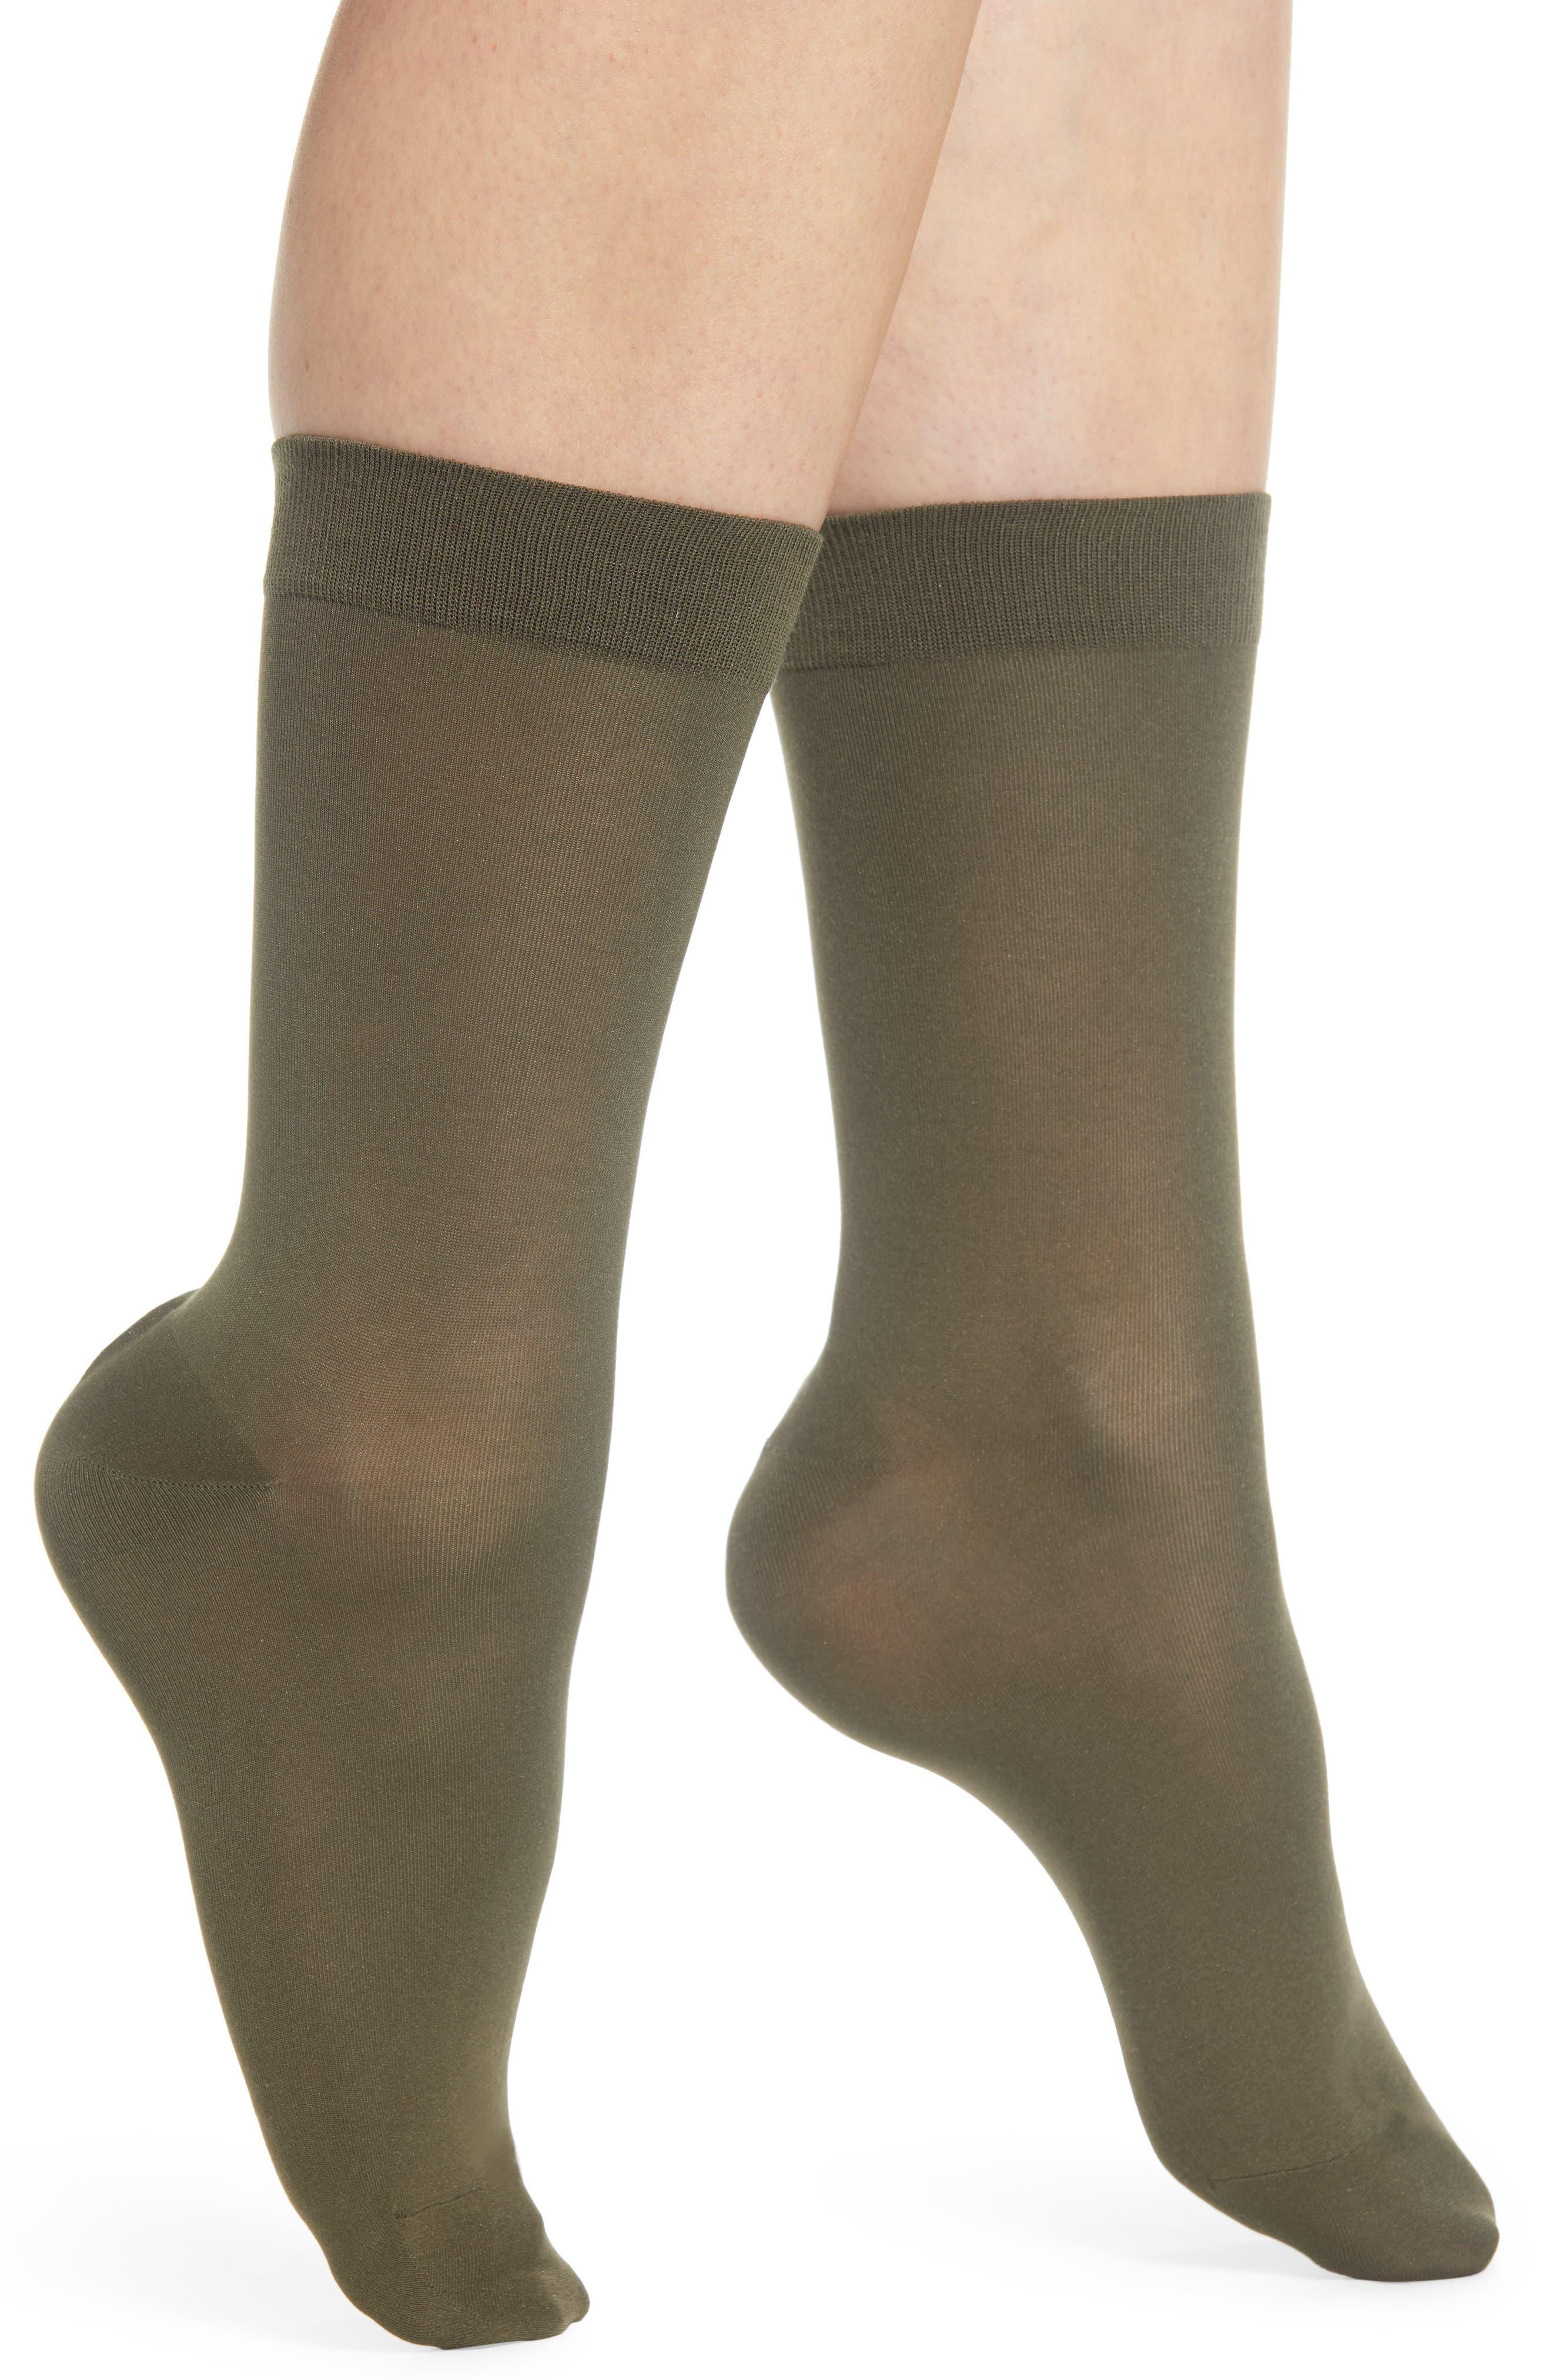 FALKE, Cotton Blend Trouser Socks, Main thumbnail 1, color, MILITARY